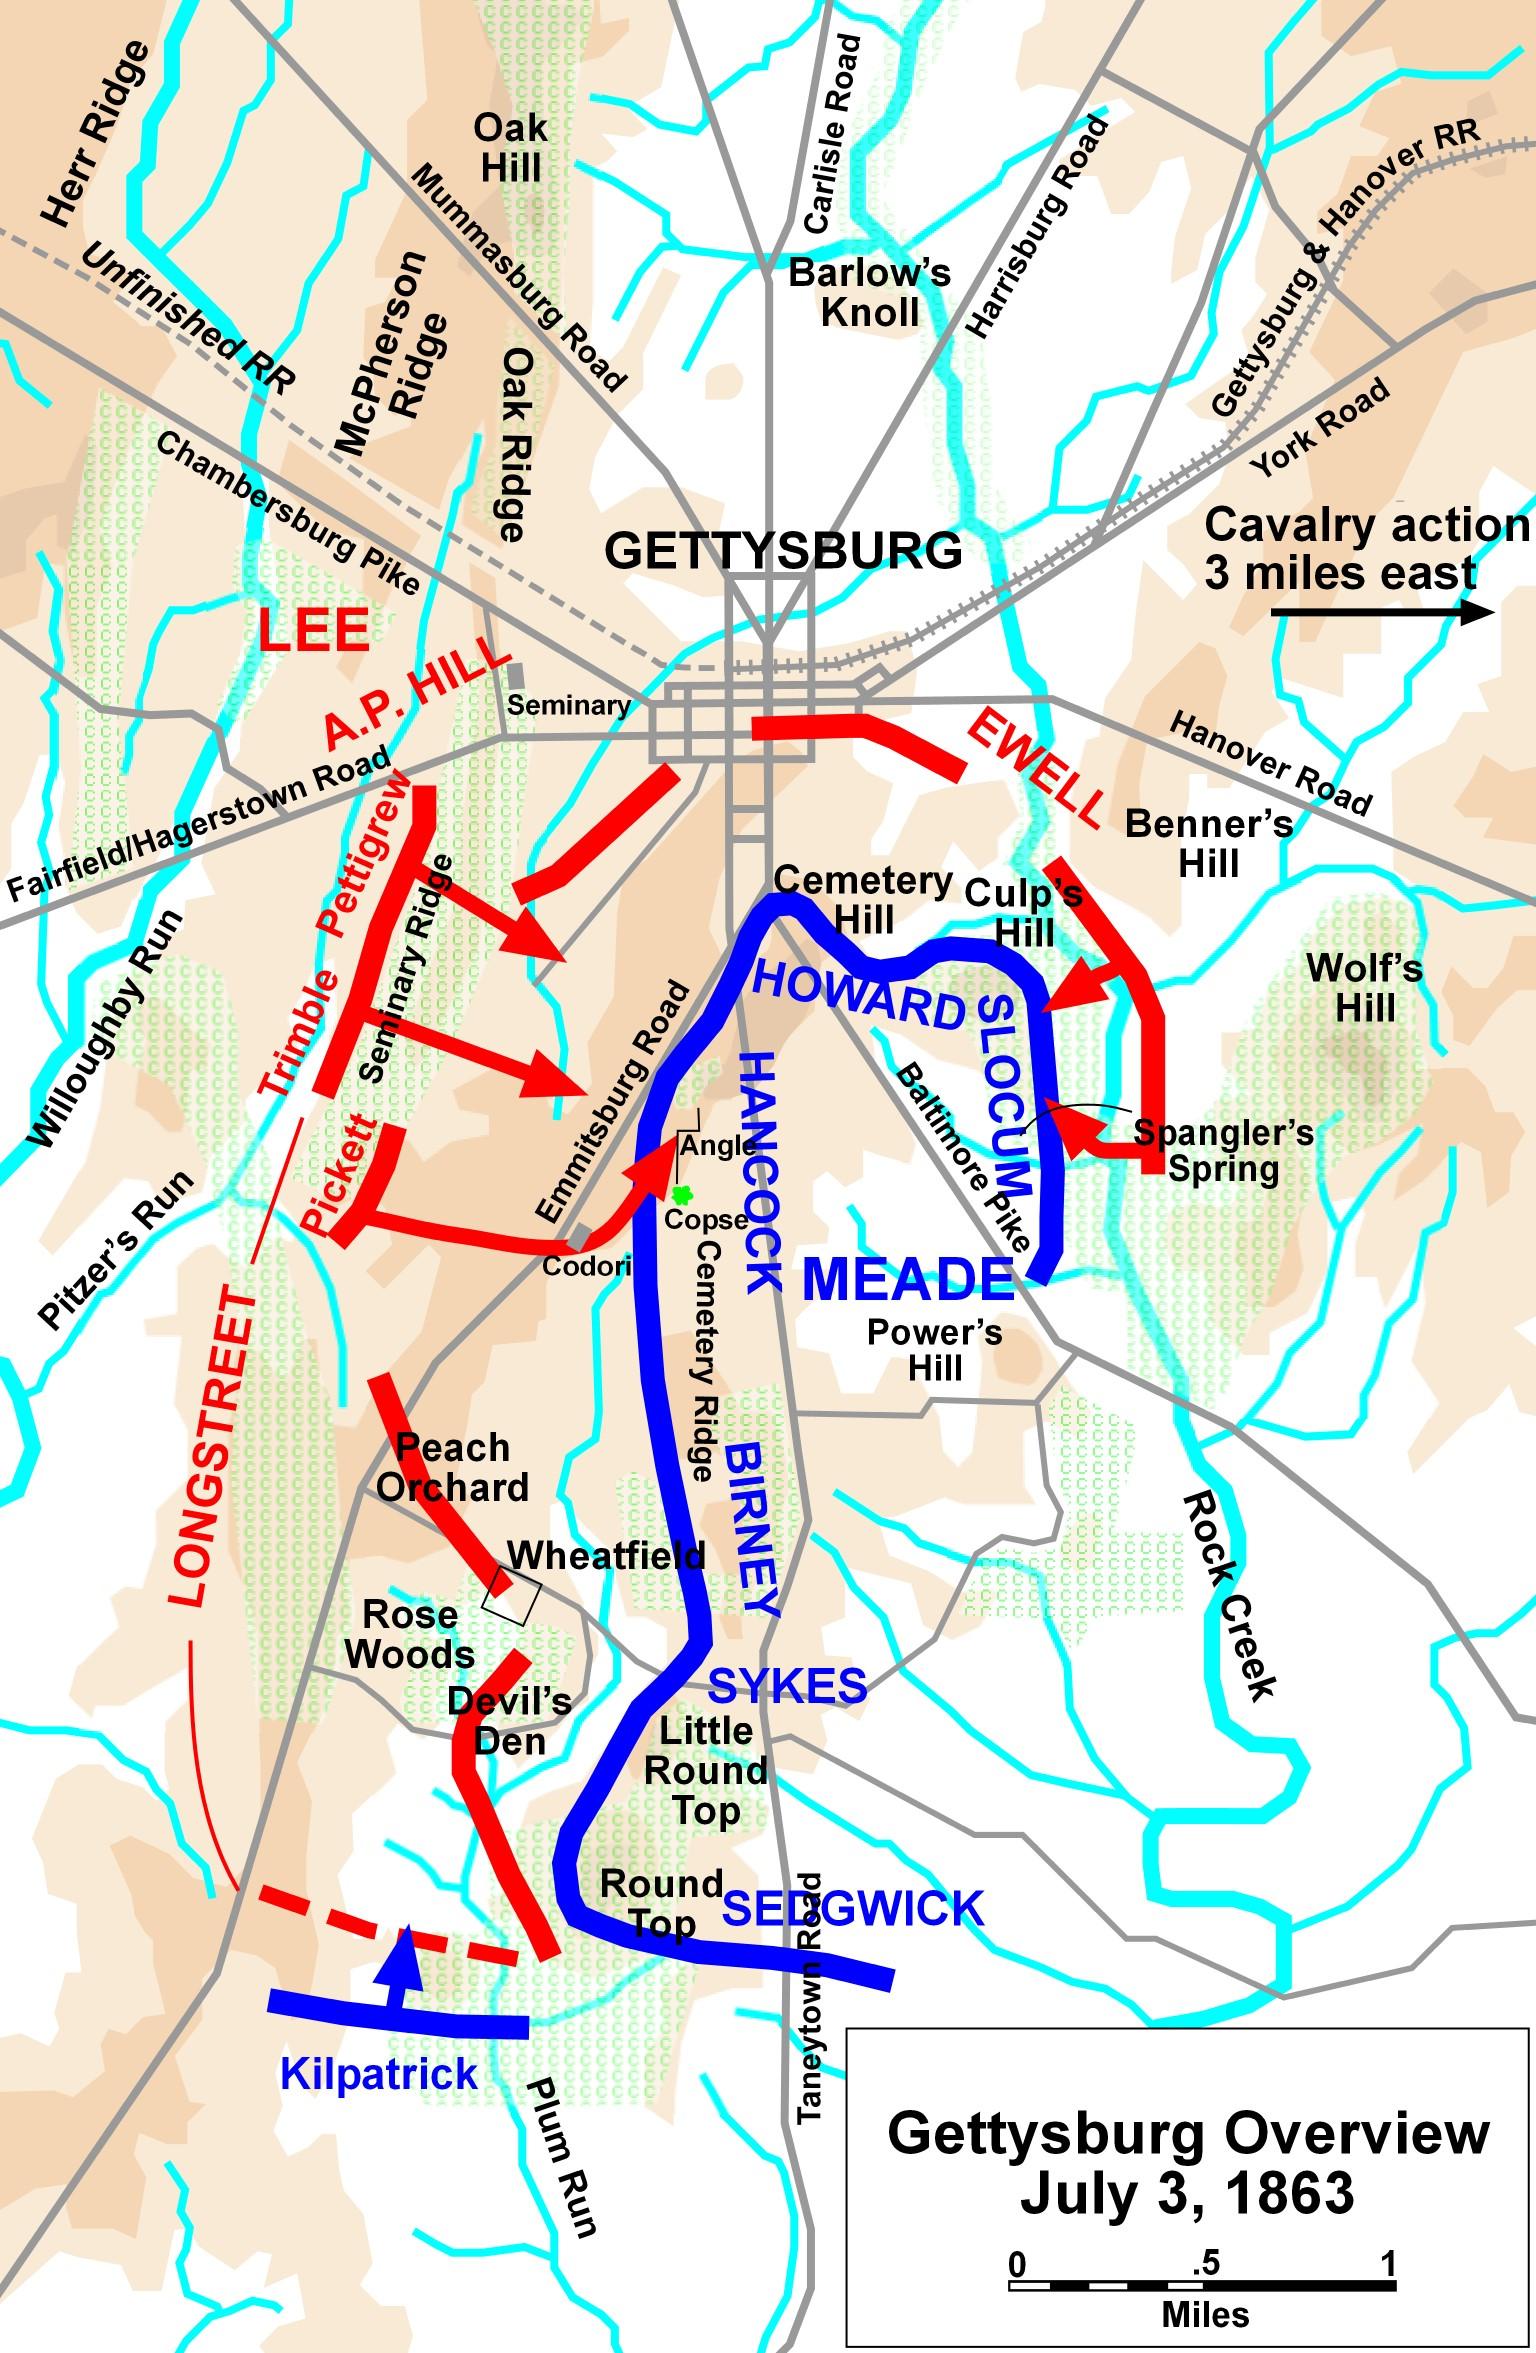 Battle of gettysburg essay topics